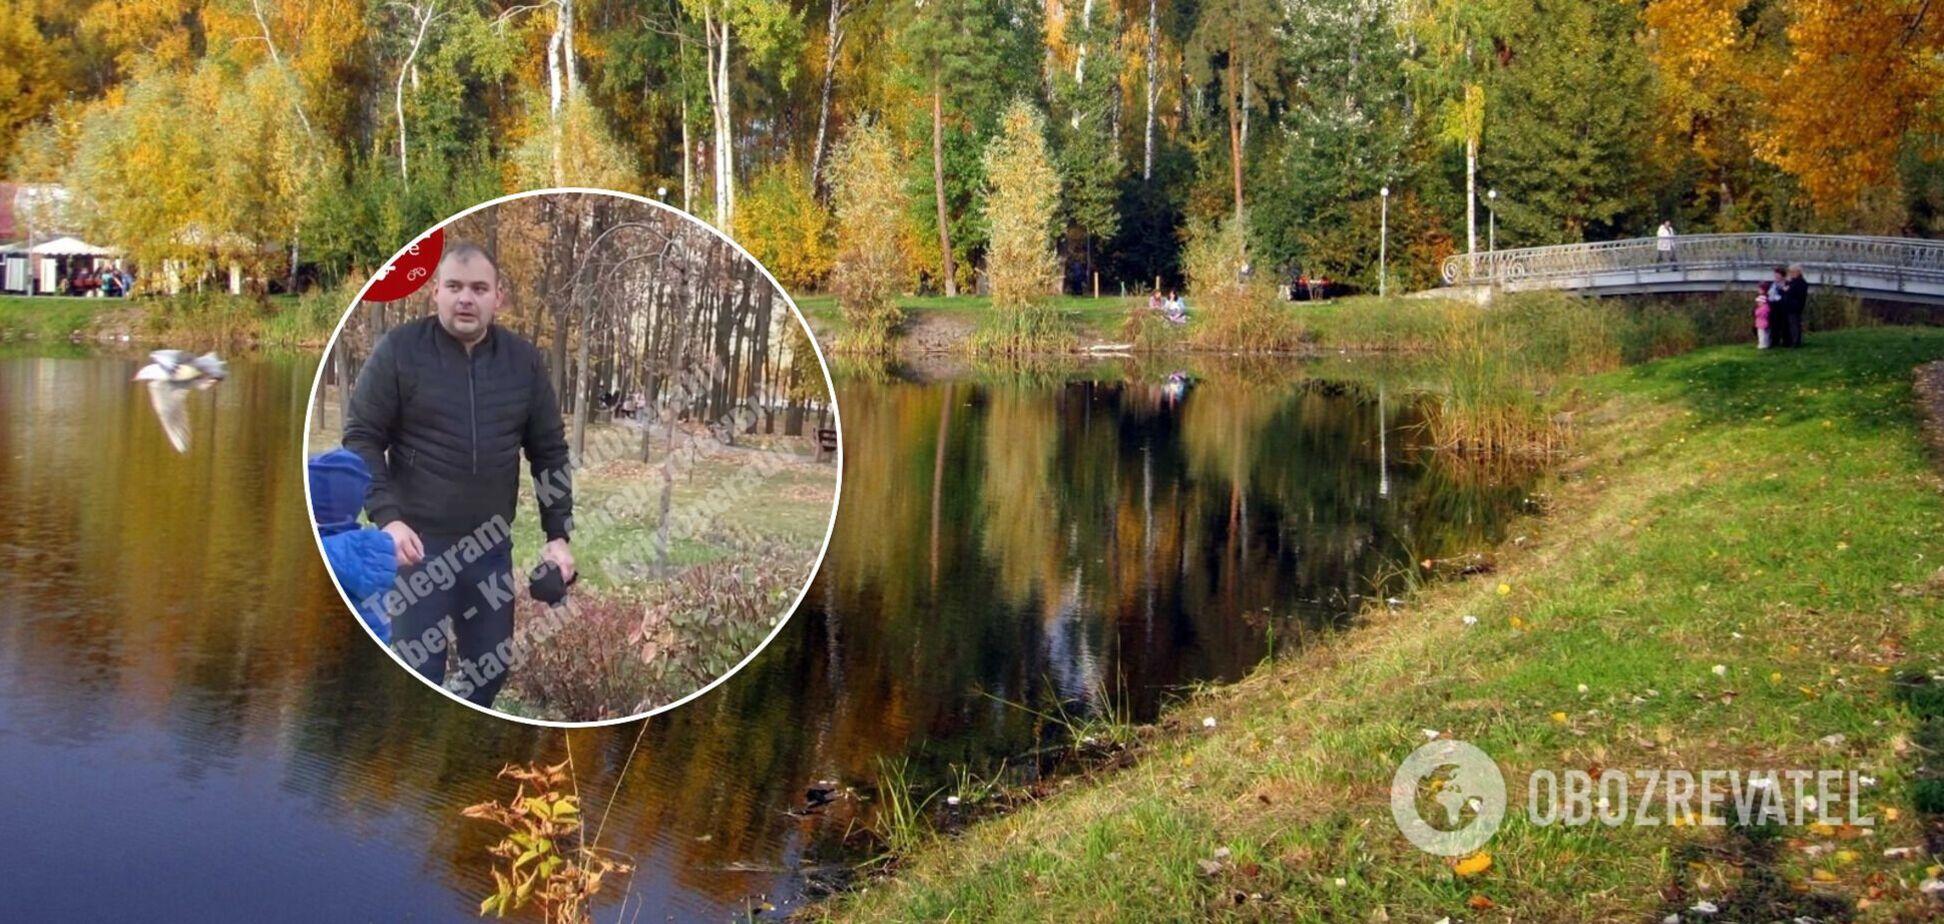 У Києві поліцейський врятував дитину, що потопала: з'явилося відео героїчного вчинку